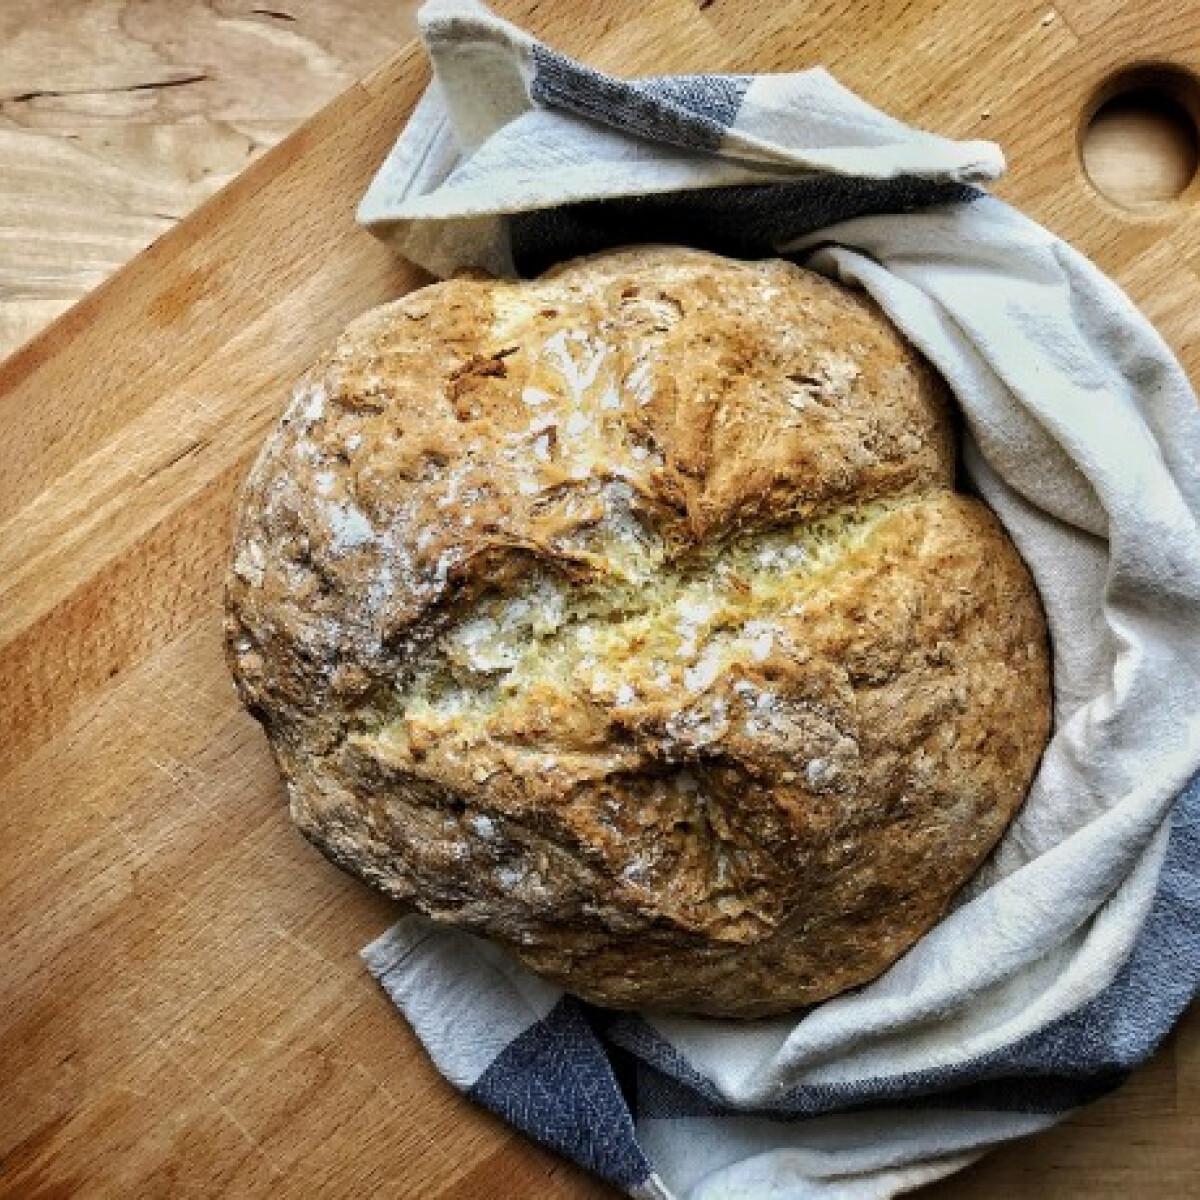 Ezen a képen: Házi kenyér, élesztő nélkül